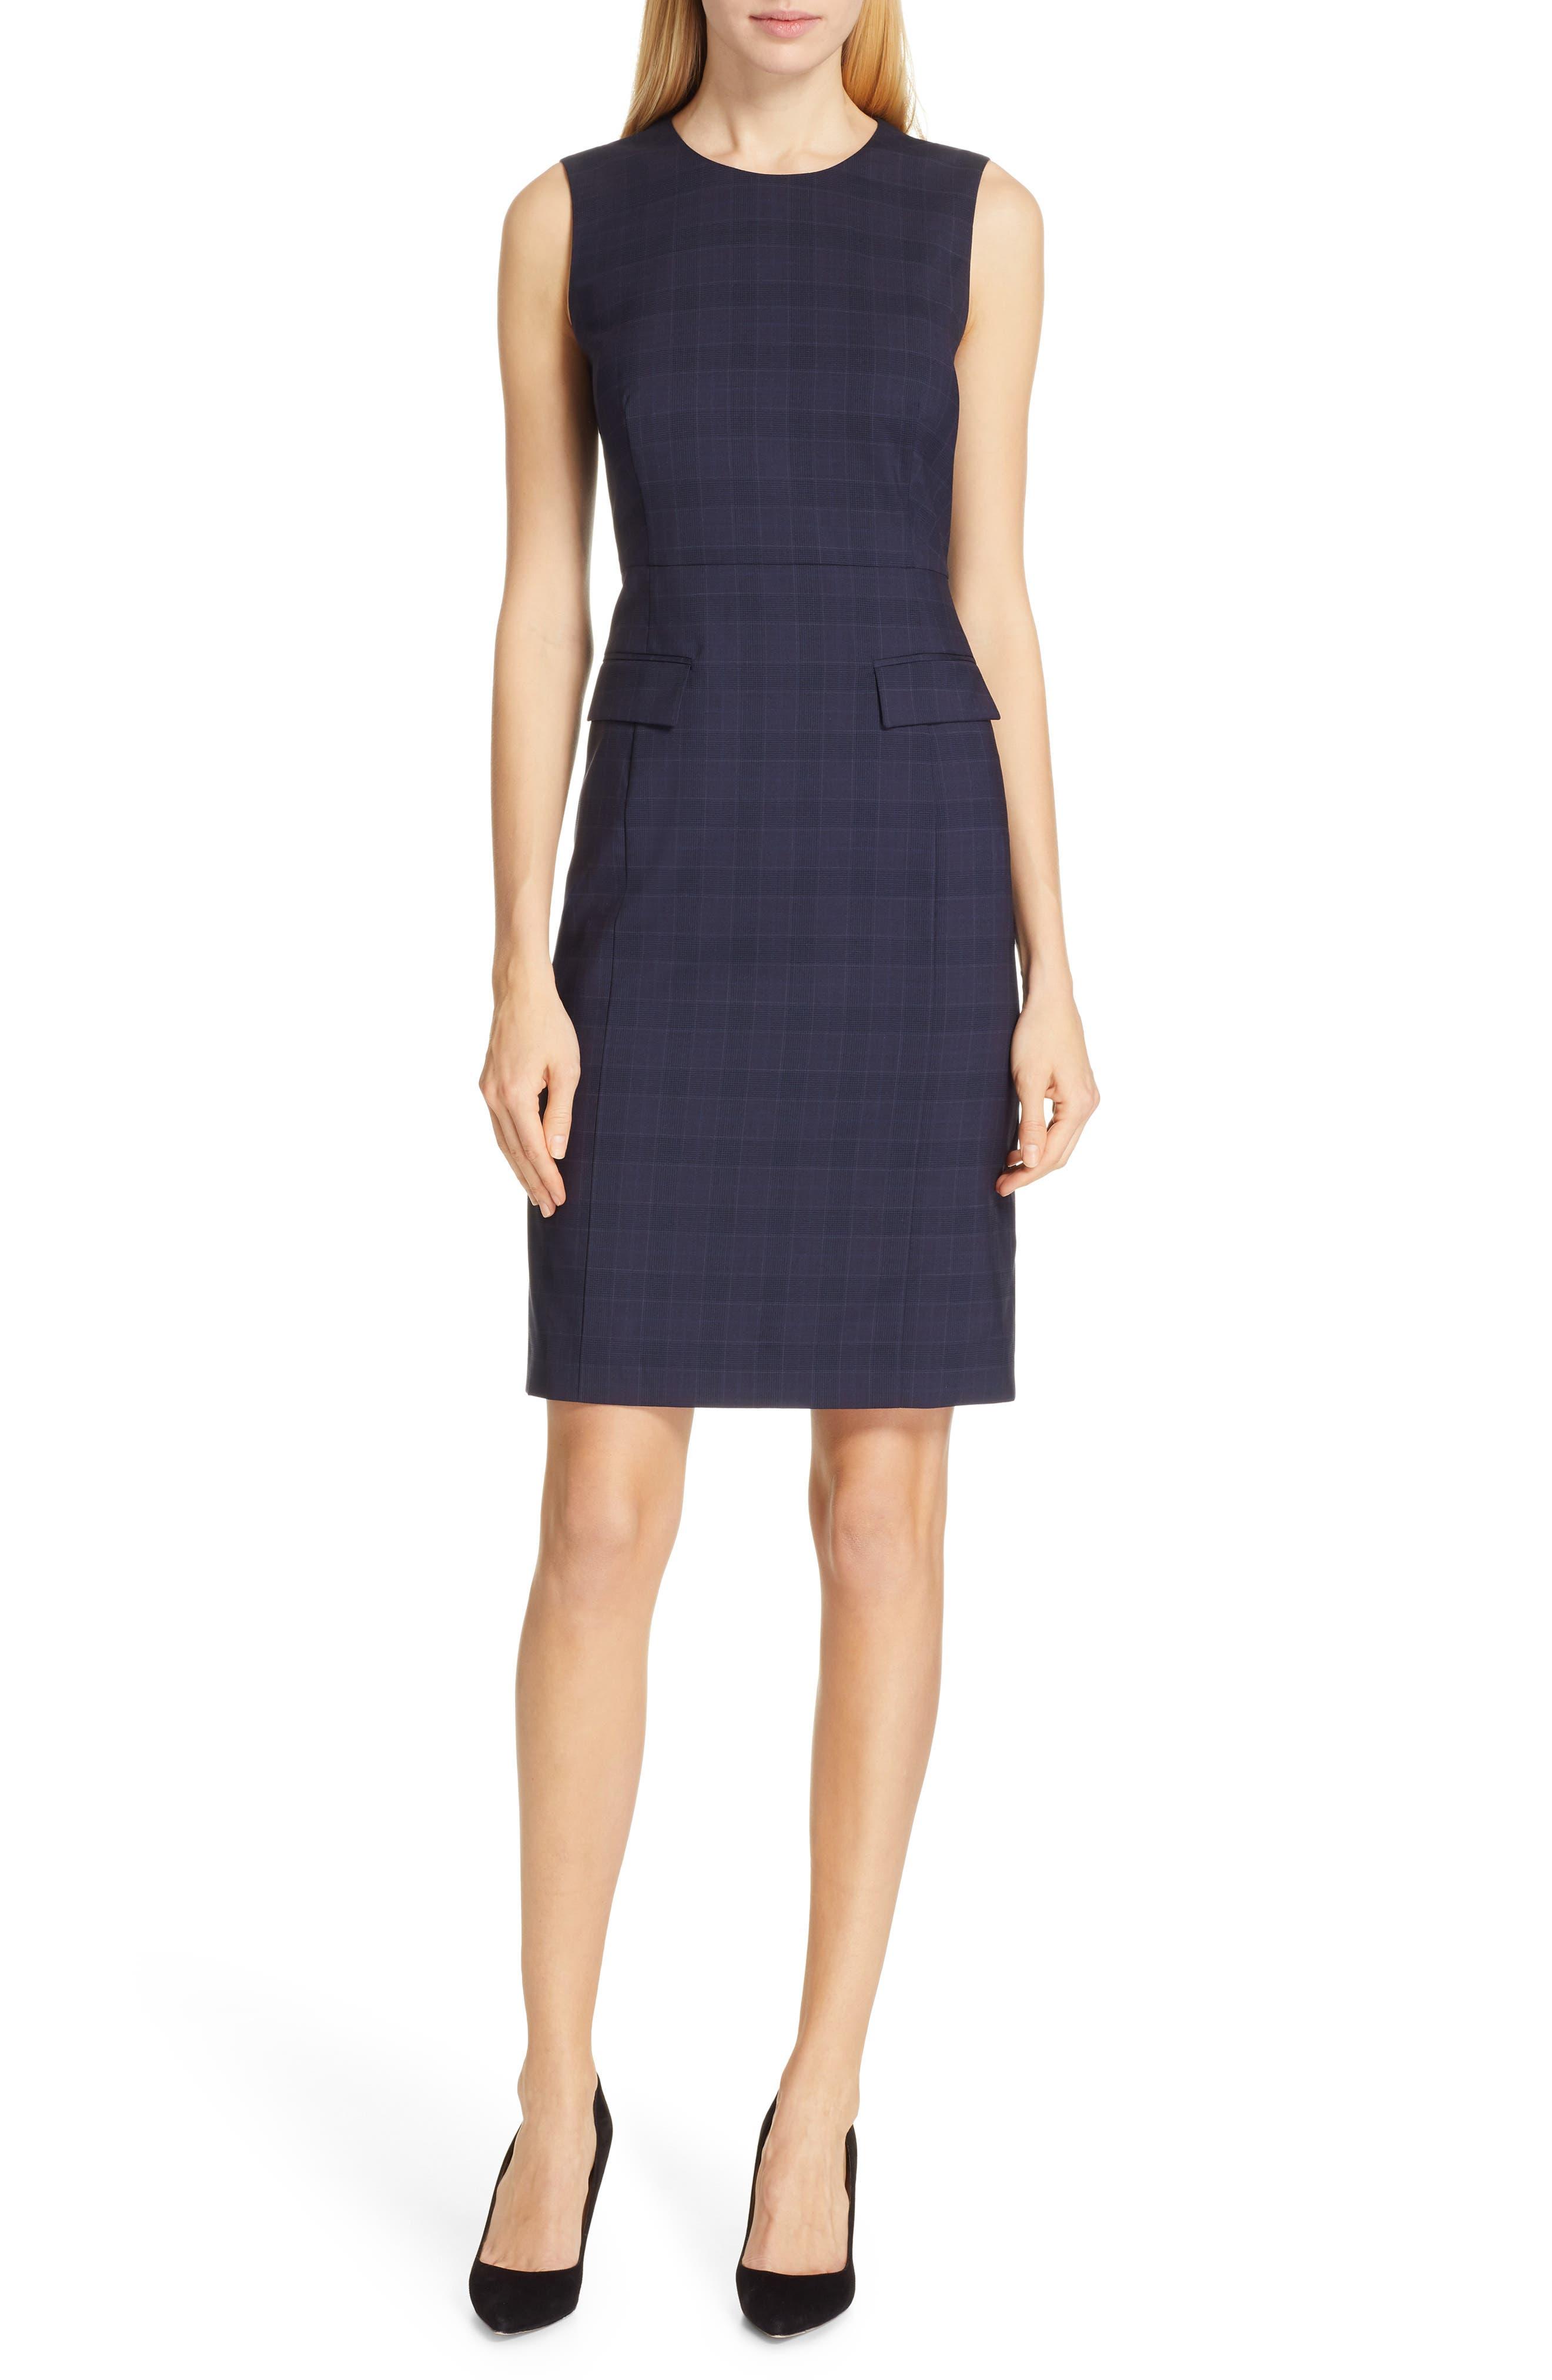 BOSS, Docanes Modern Check Wool Dress, Main thumbnail 1, color, DARK NAVY FANTASY